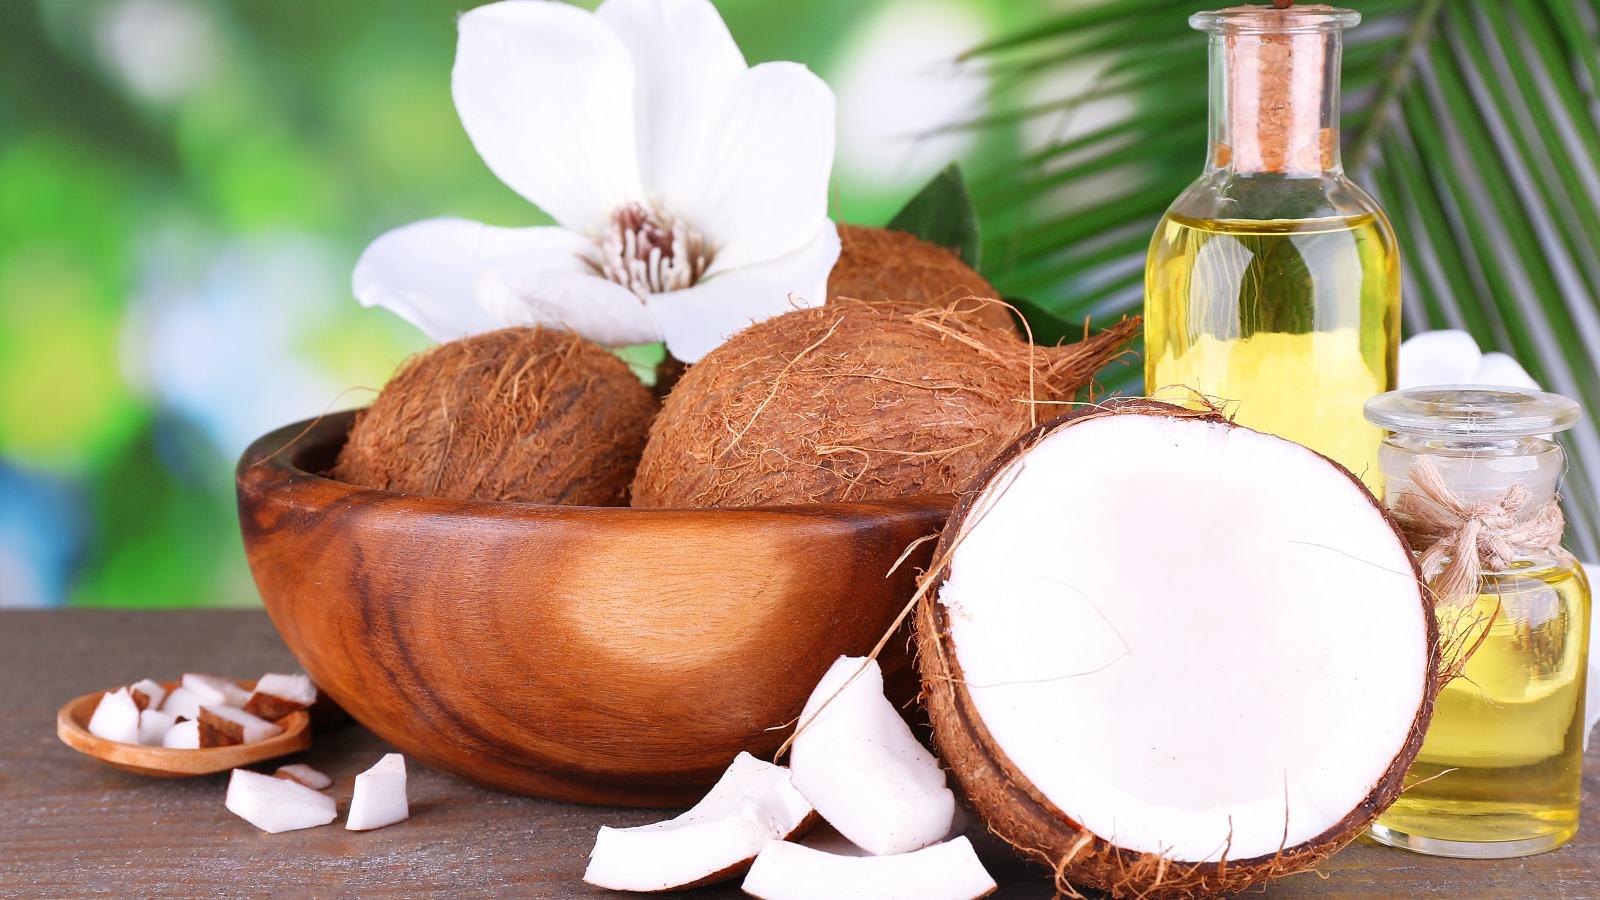 Кокосовое масло, кокосы и цветы